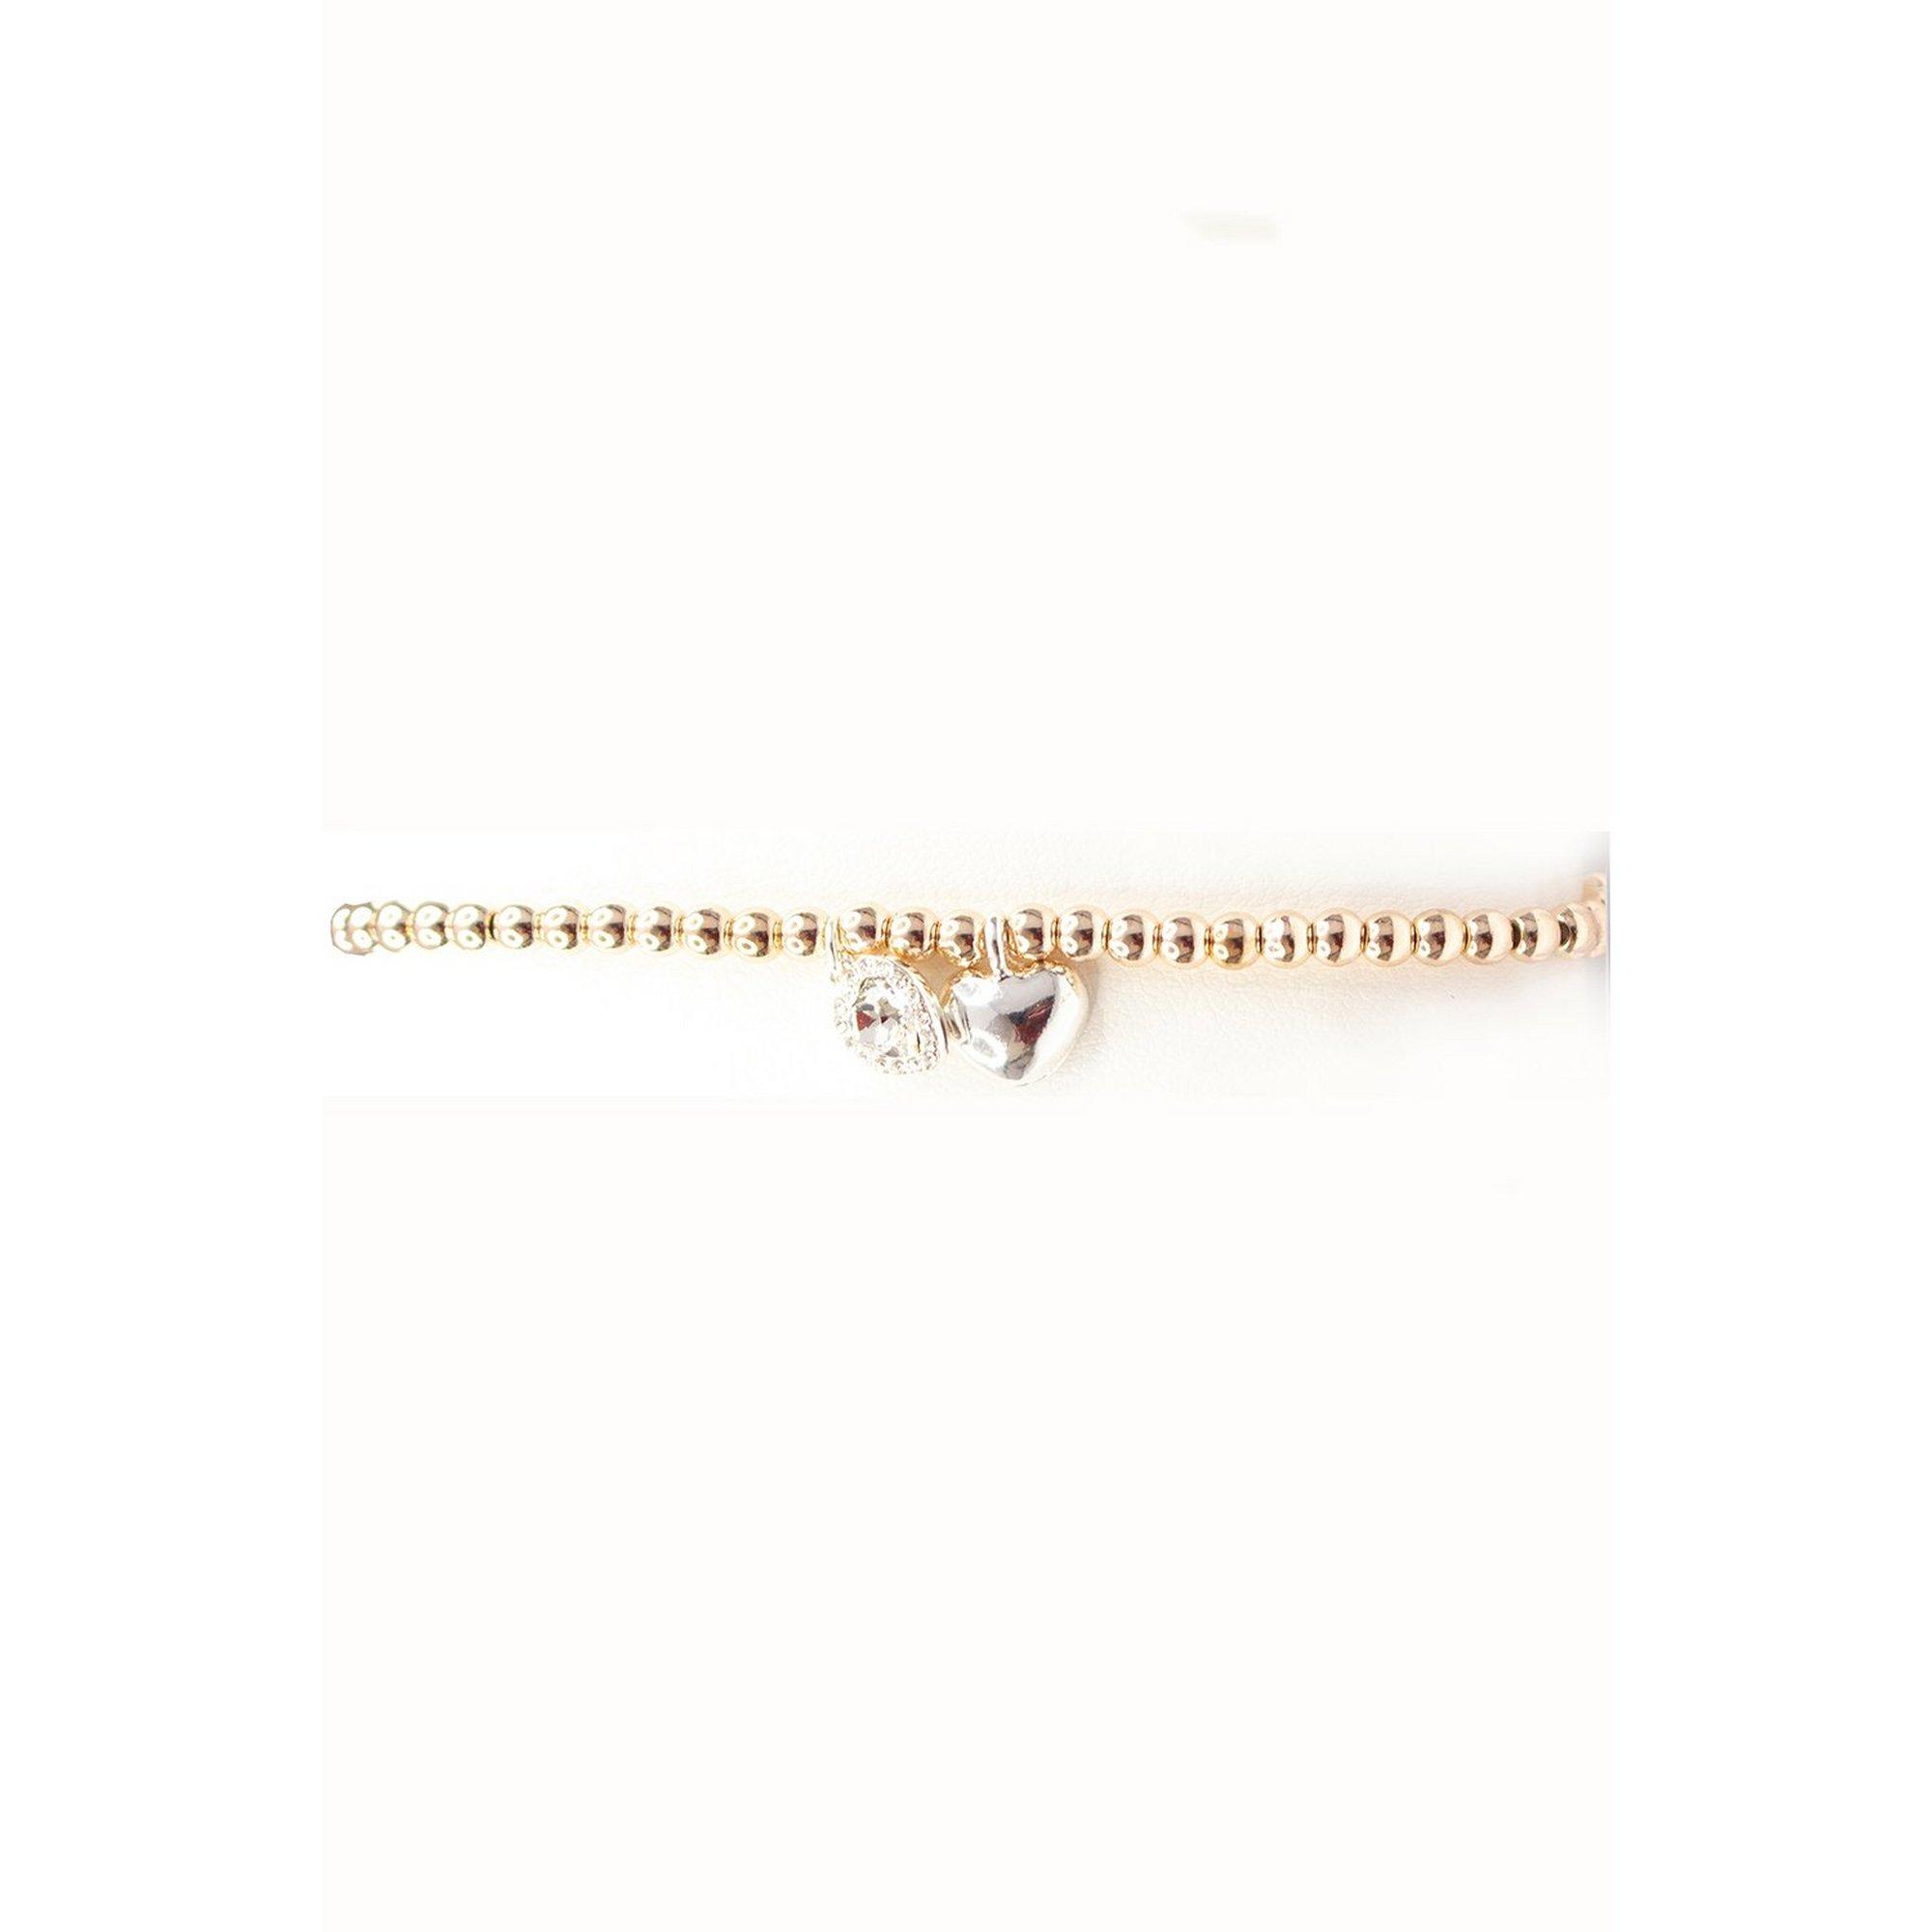 Image of Eternity Elasticated Bracelet with Swarovski Elements